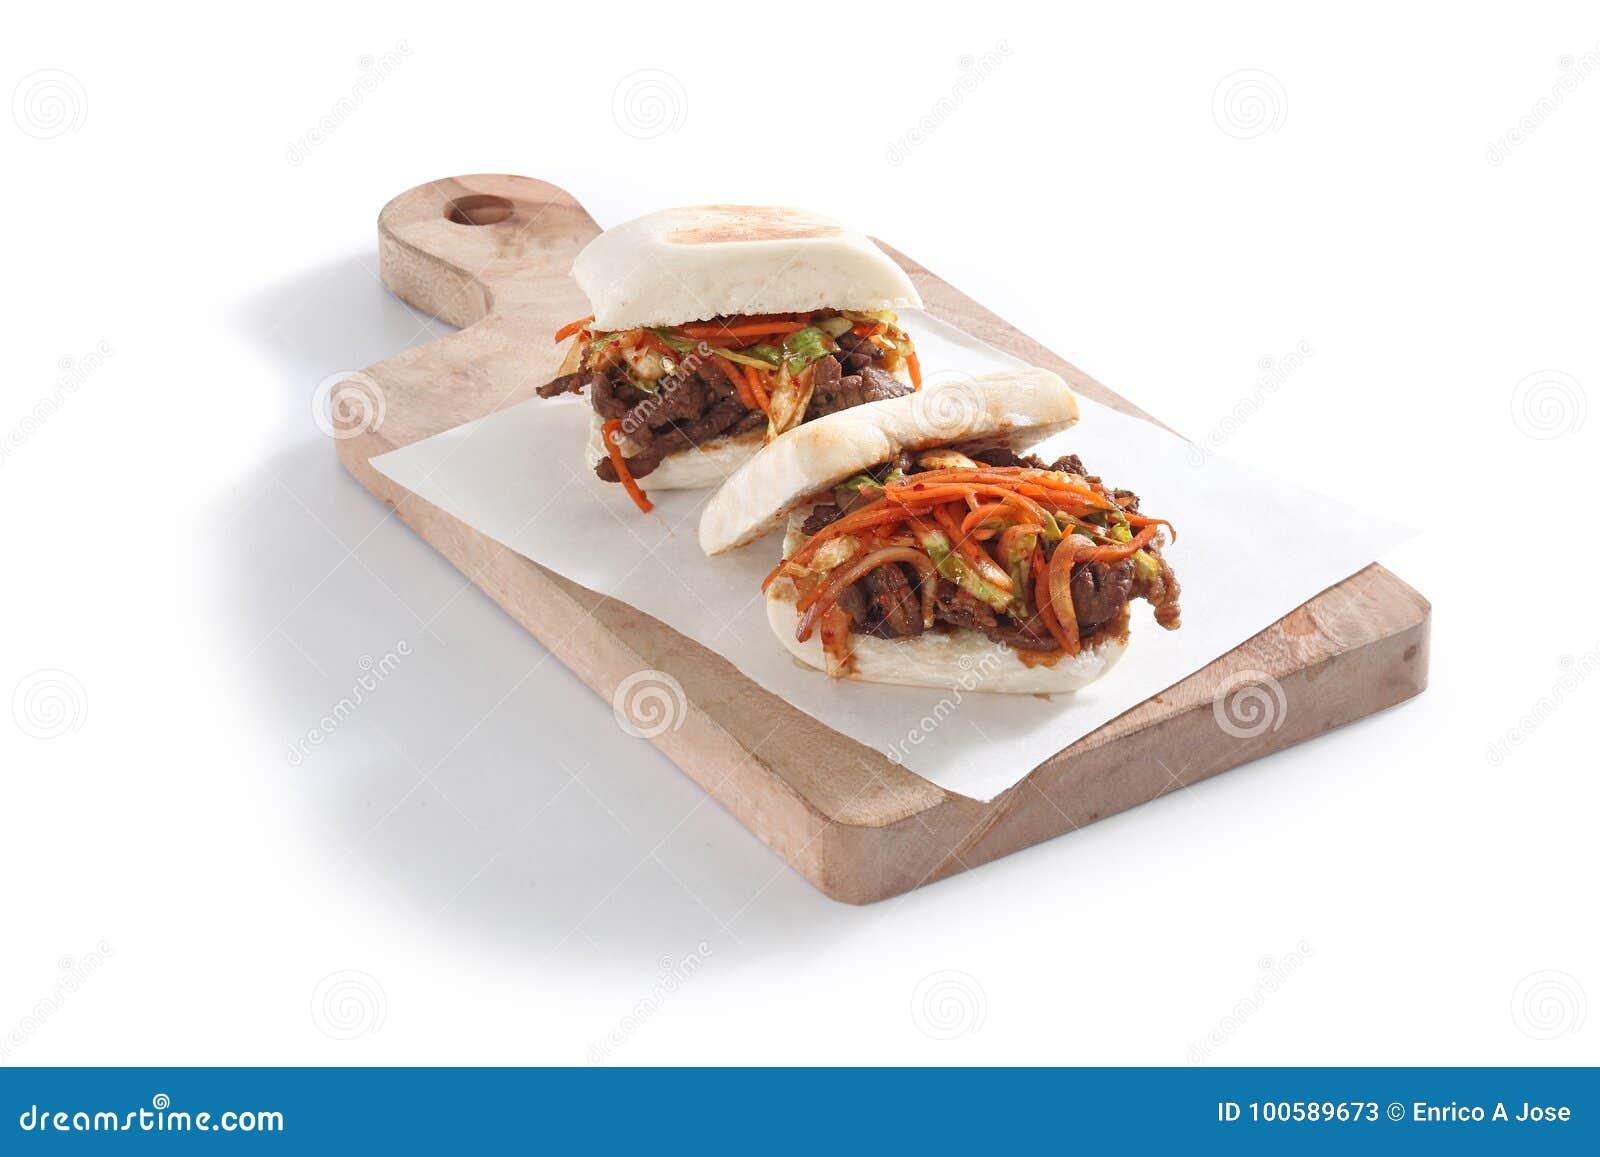 Korean baos on wooden board